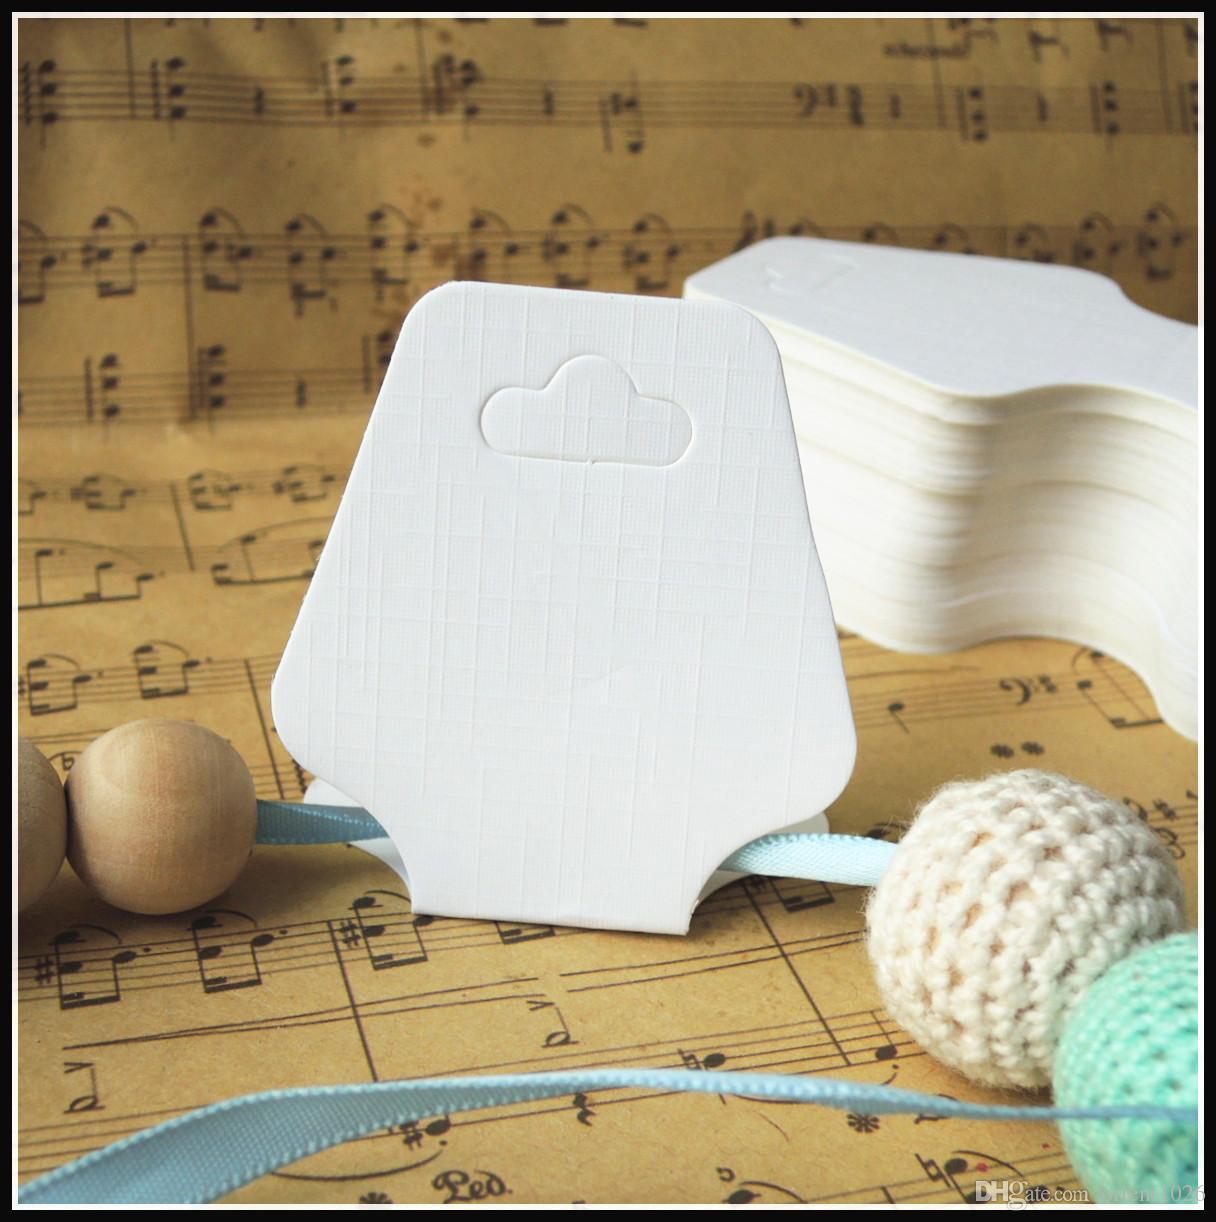 800 stücke diy keine text leere halsketten karten hohe qualität papier halskette zeigt karten weiß schmuck halter verpackung karte hängen tags # 5011